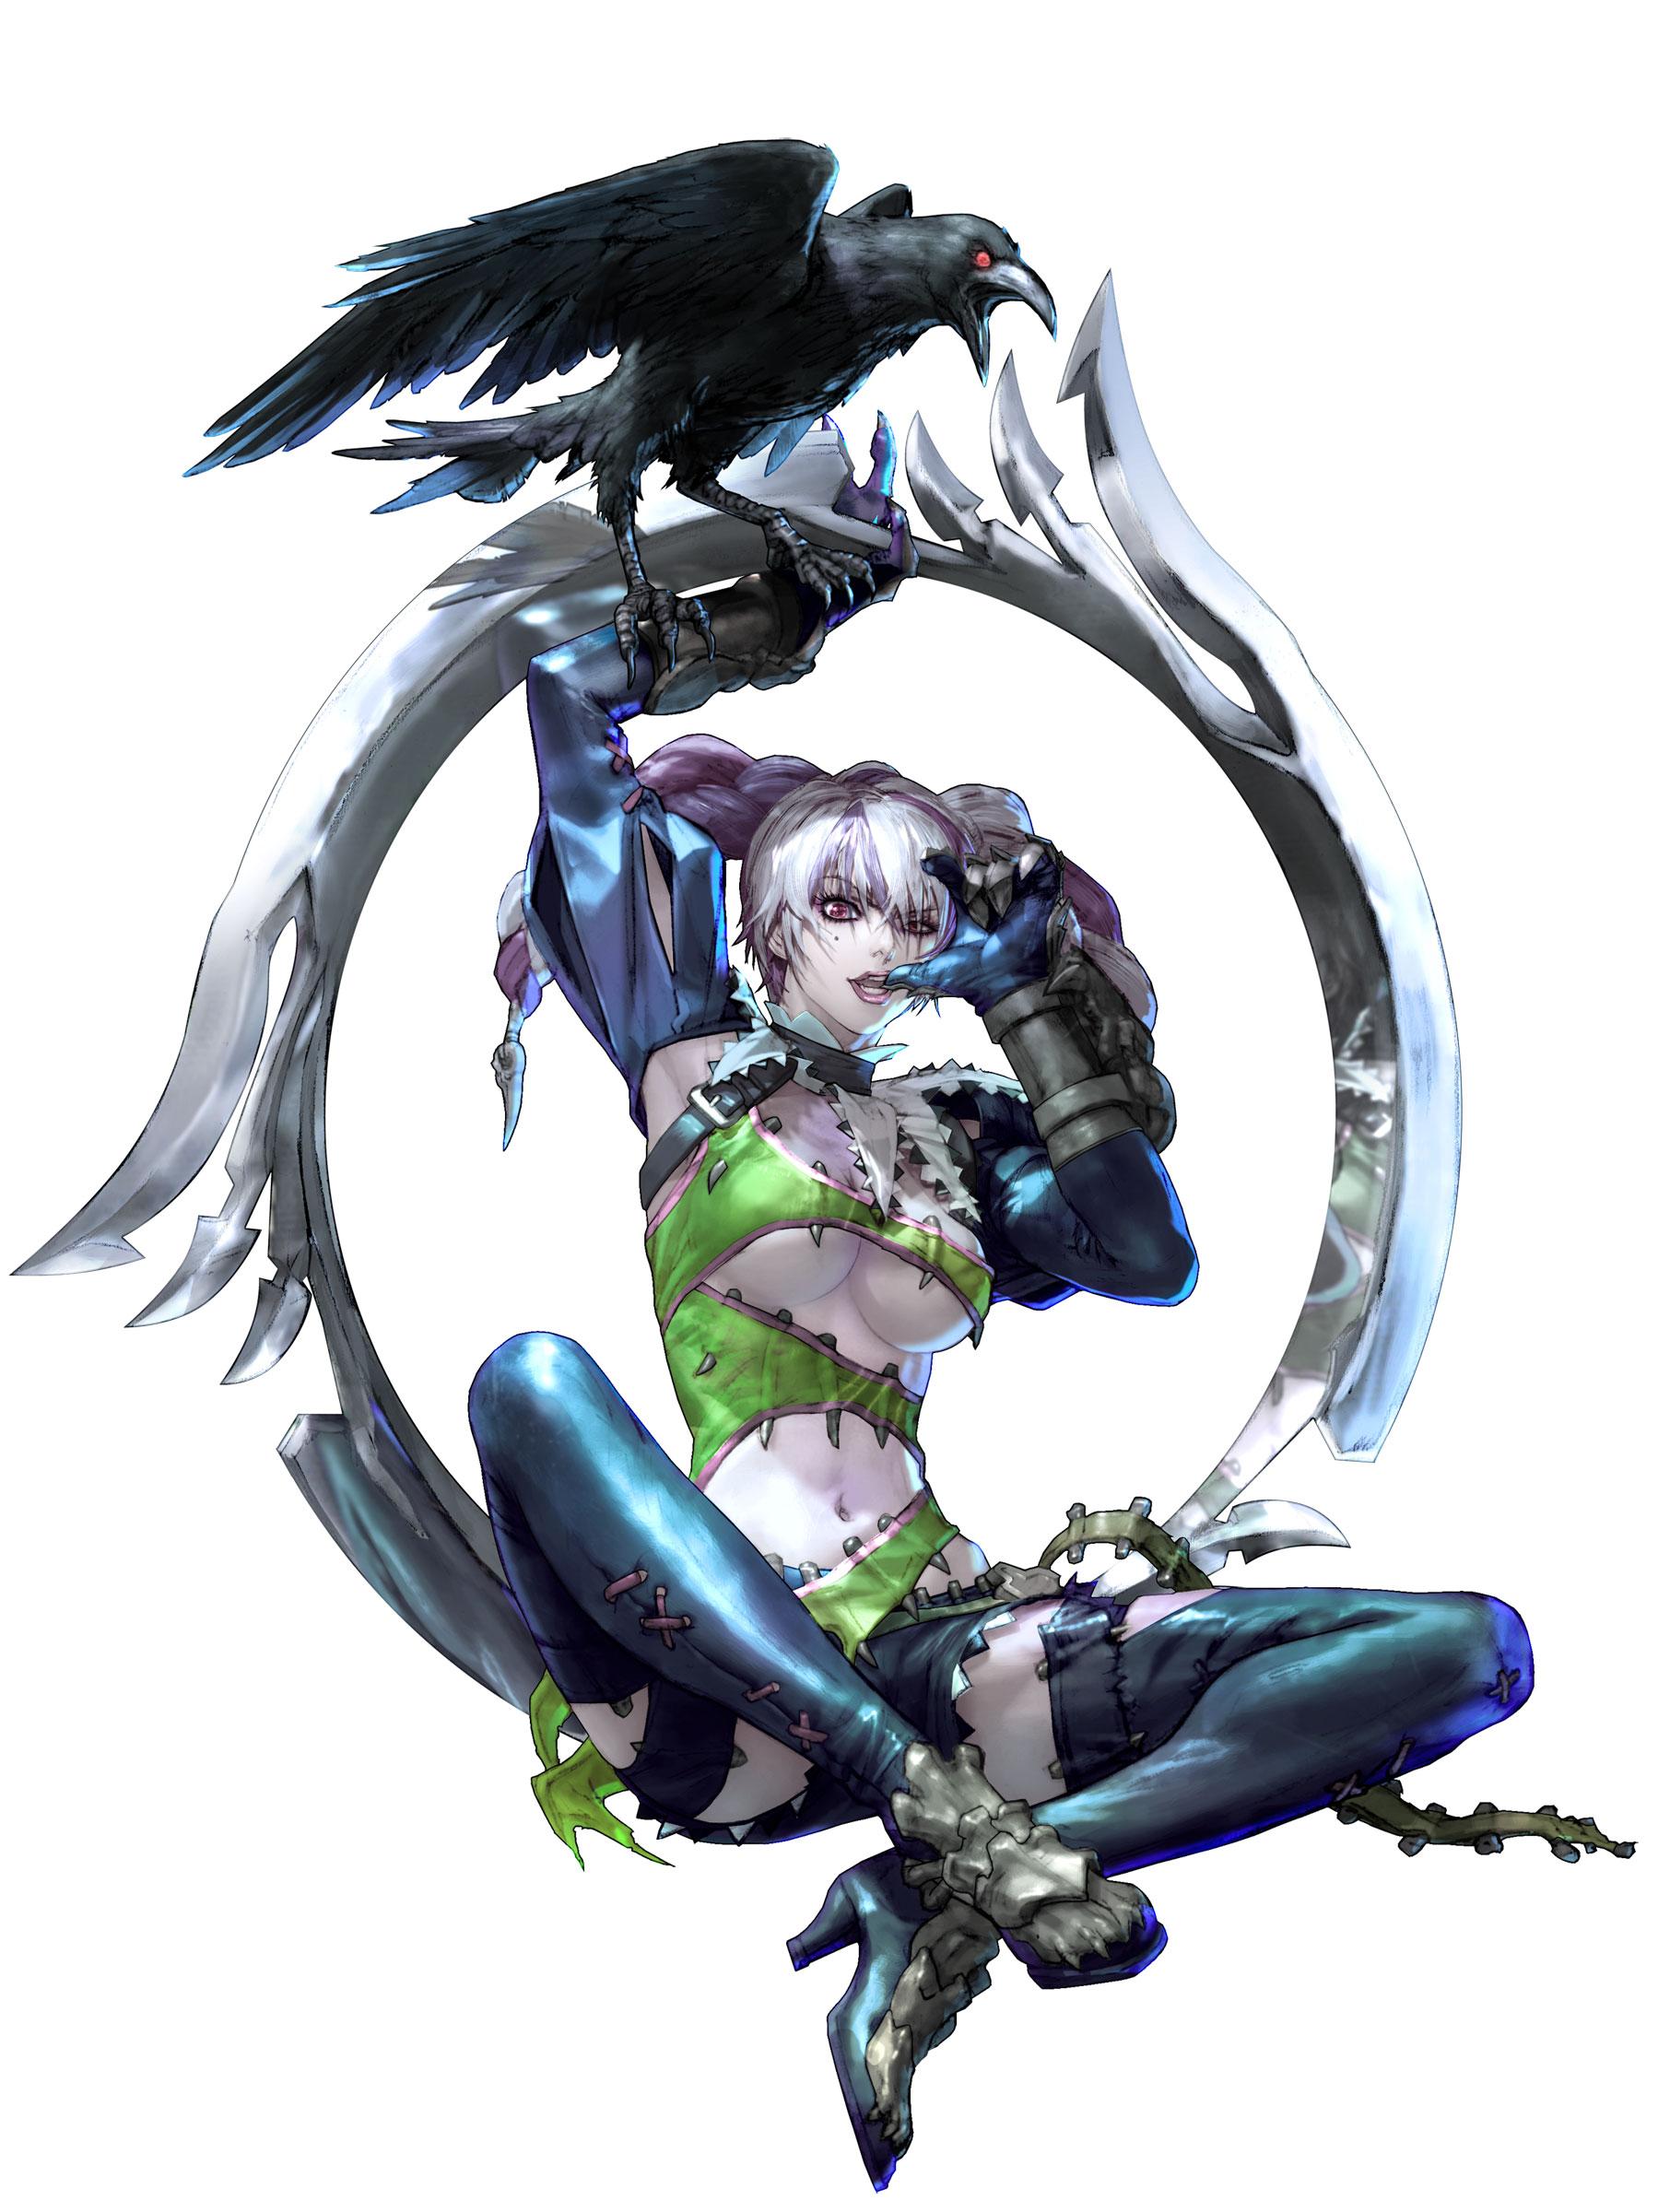 Soul Calibur 5 Tira Artwork